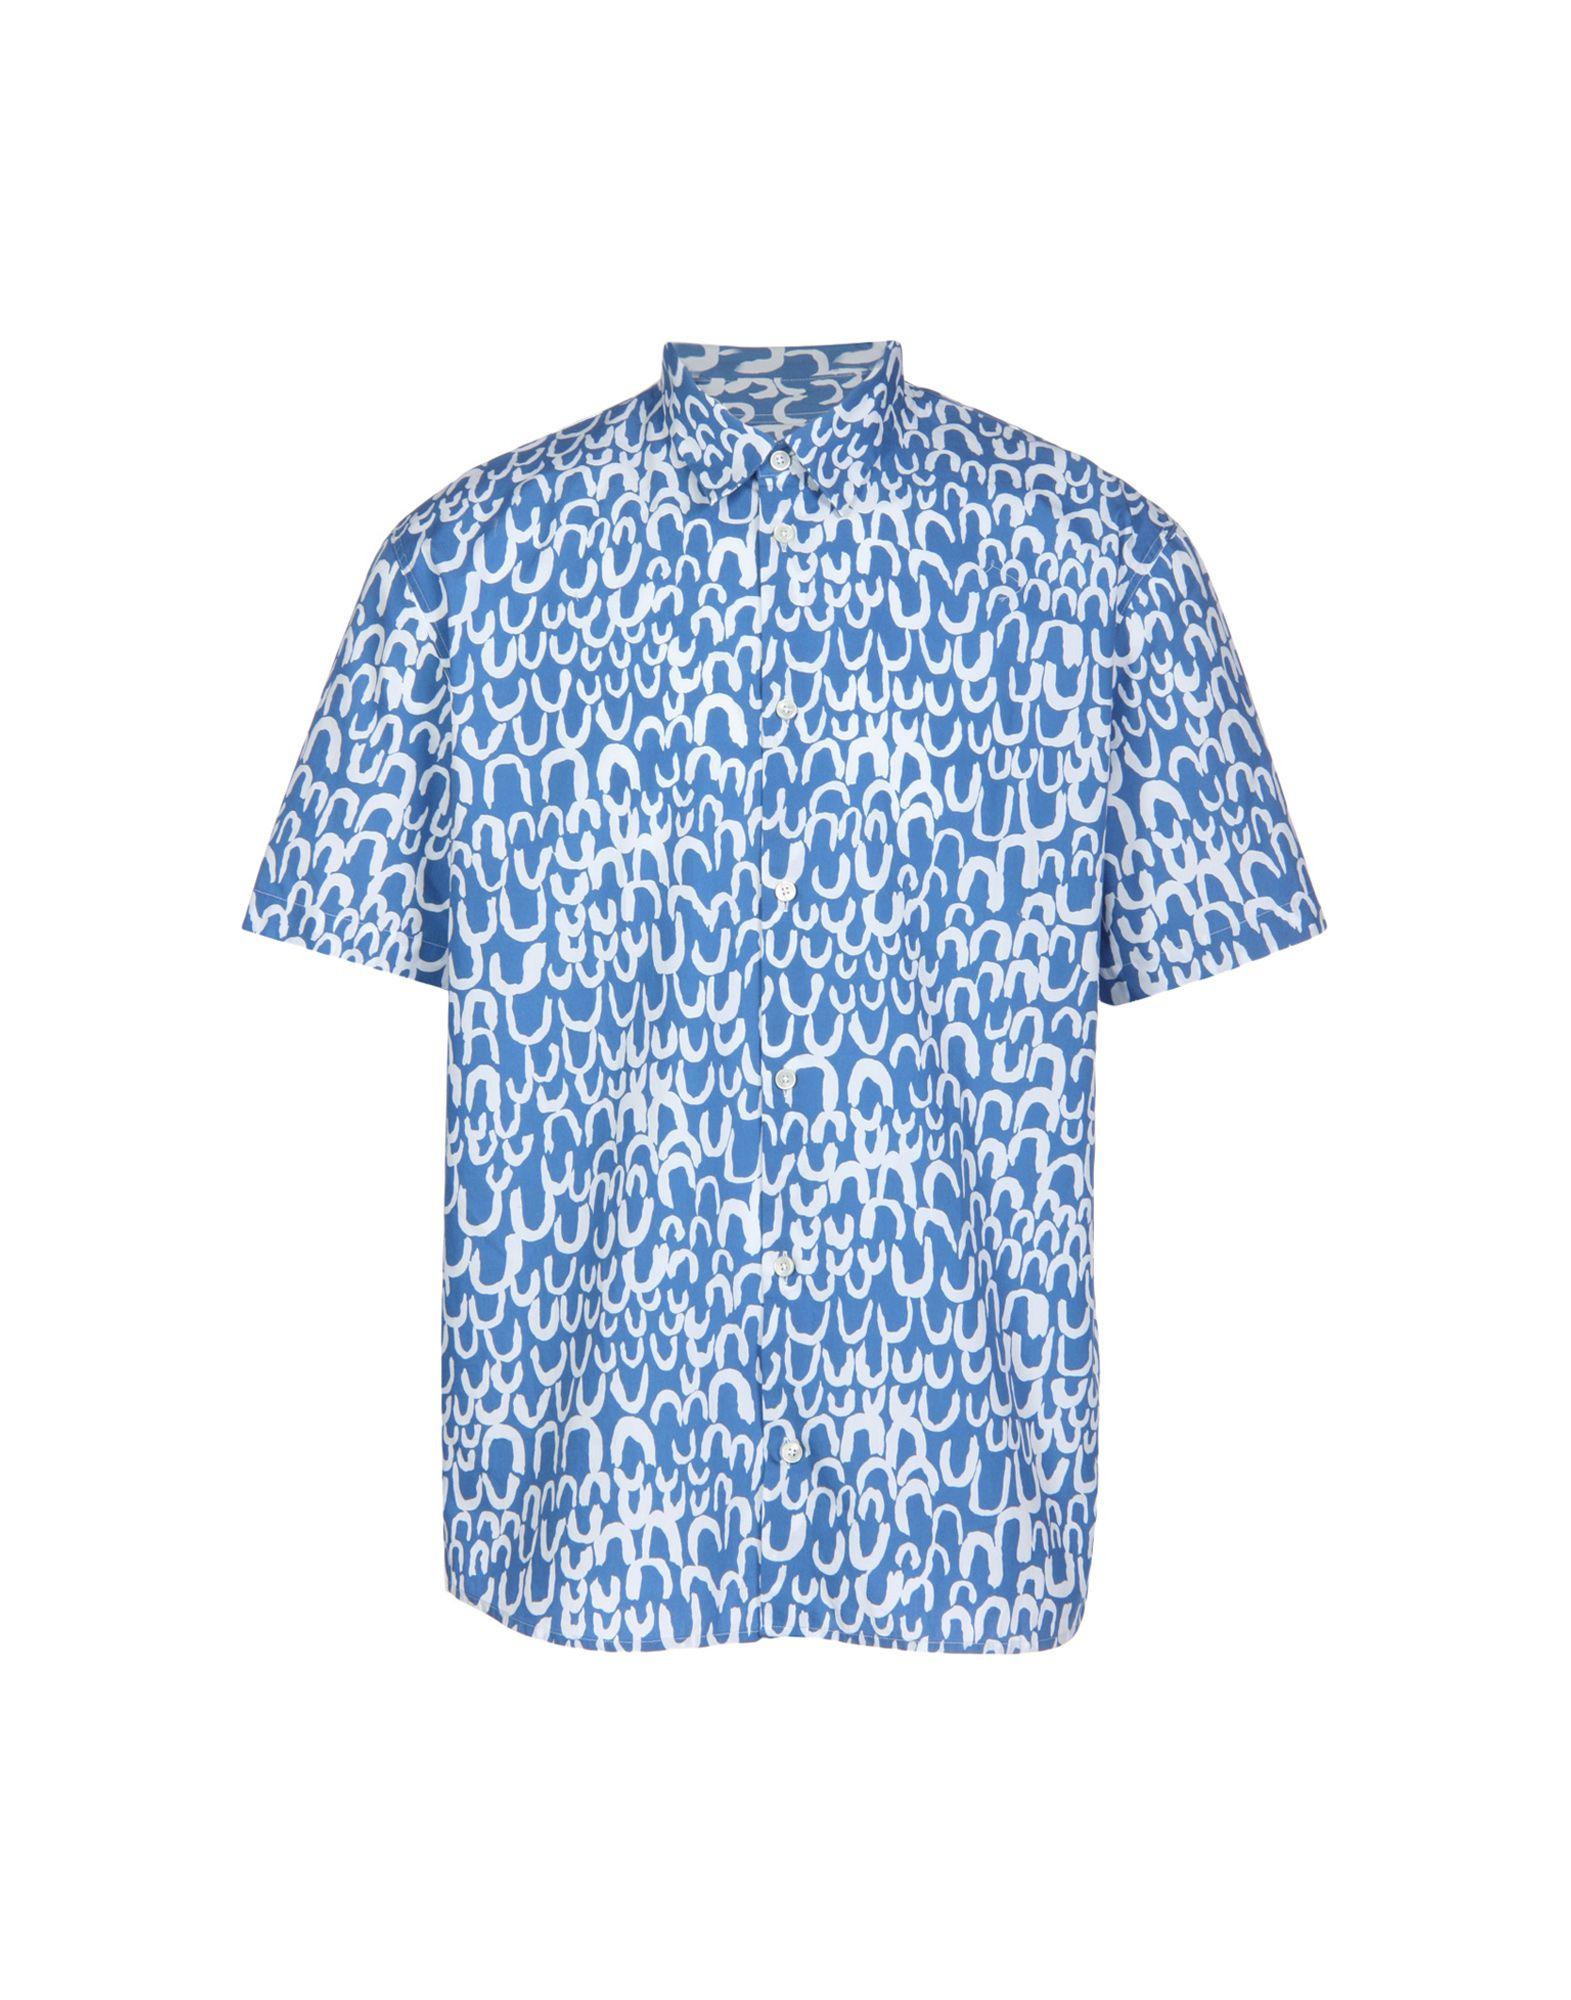 HENTSCH MAN Shirts in Blue